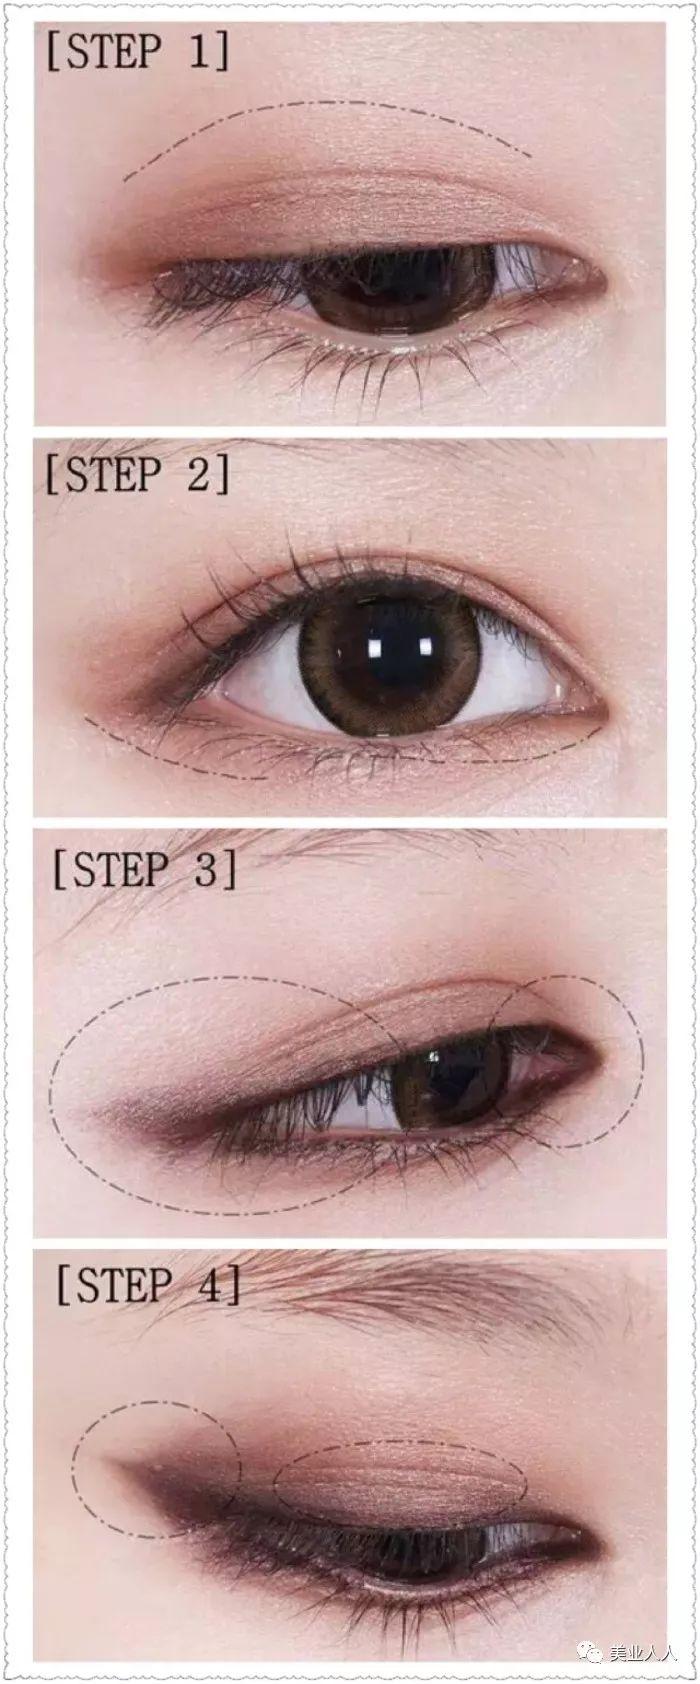 STEP1:先用棕色的眼影在虚线范围内的眼窝部分打底。STEP2:画烟熏妆的重点之一就是下眼睑部位,所以不要忘记在下眼睑涂抹上棕色的眼影。STEP3:黑色的眼线笔从眼头开始向后方画一条自然的眼线,下眼线也要从眼头开始画,让上下两条眼线全包眼眶。然后用深棕色的眼影晕染开眼头和眼尾的眼线。STEP4:在图中椭圆区域内用少量的浅棕色珠光眼影提亮,眼尾则用深棕色的眼影进一步拉长眼形,加深轮廓。STEP5:上下睫毛都要仔细涂抹睫毛膏,让眼睛进一步的放大。 喜欢本篇文章的亲们,请在底部点大拇指来个